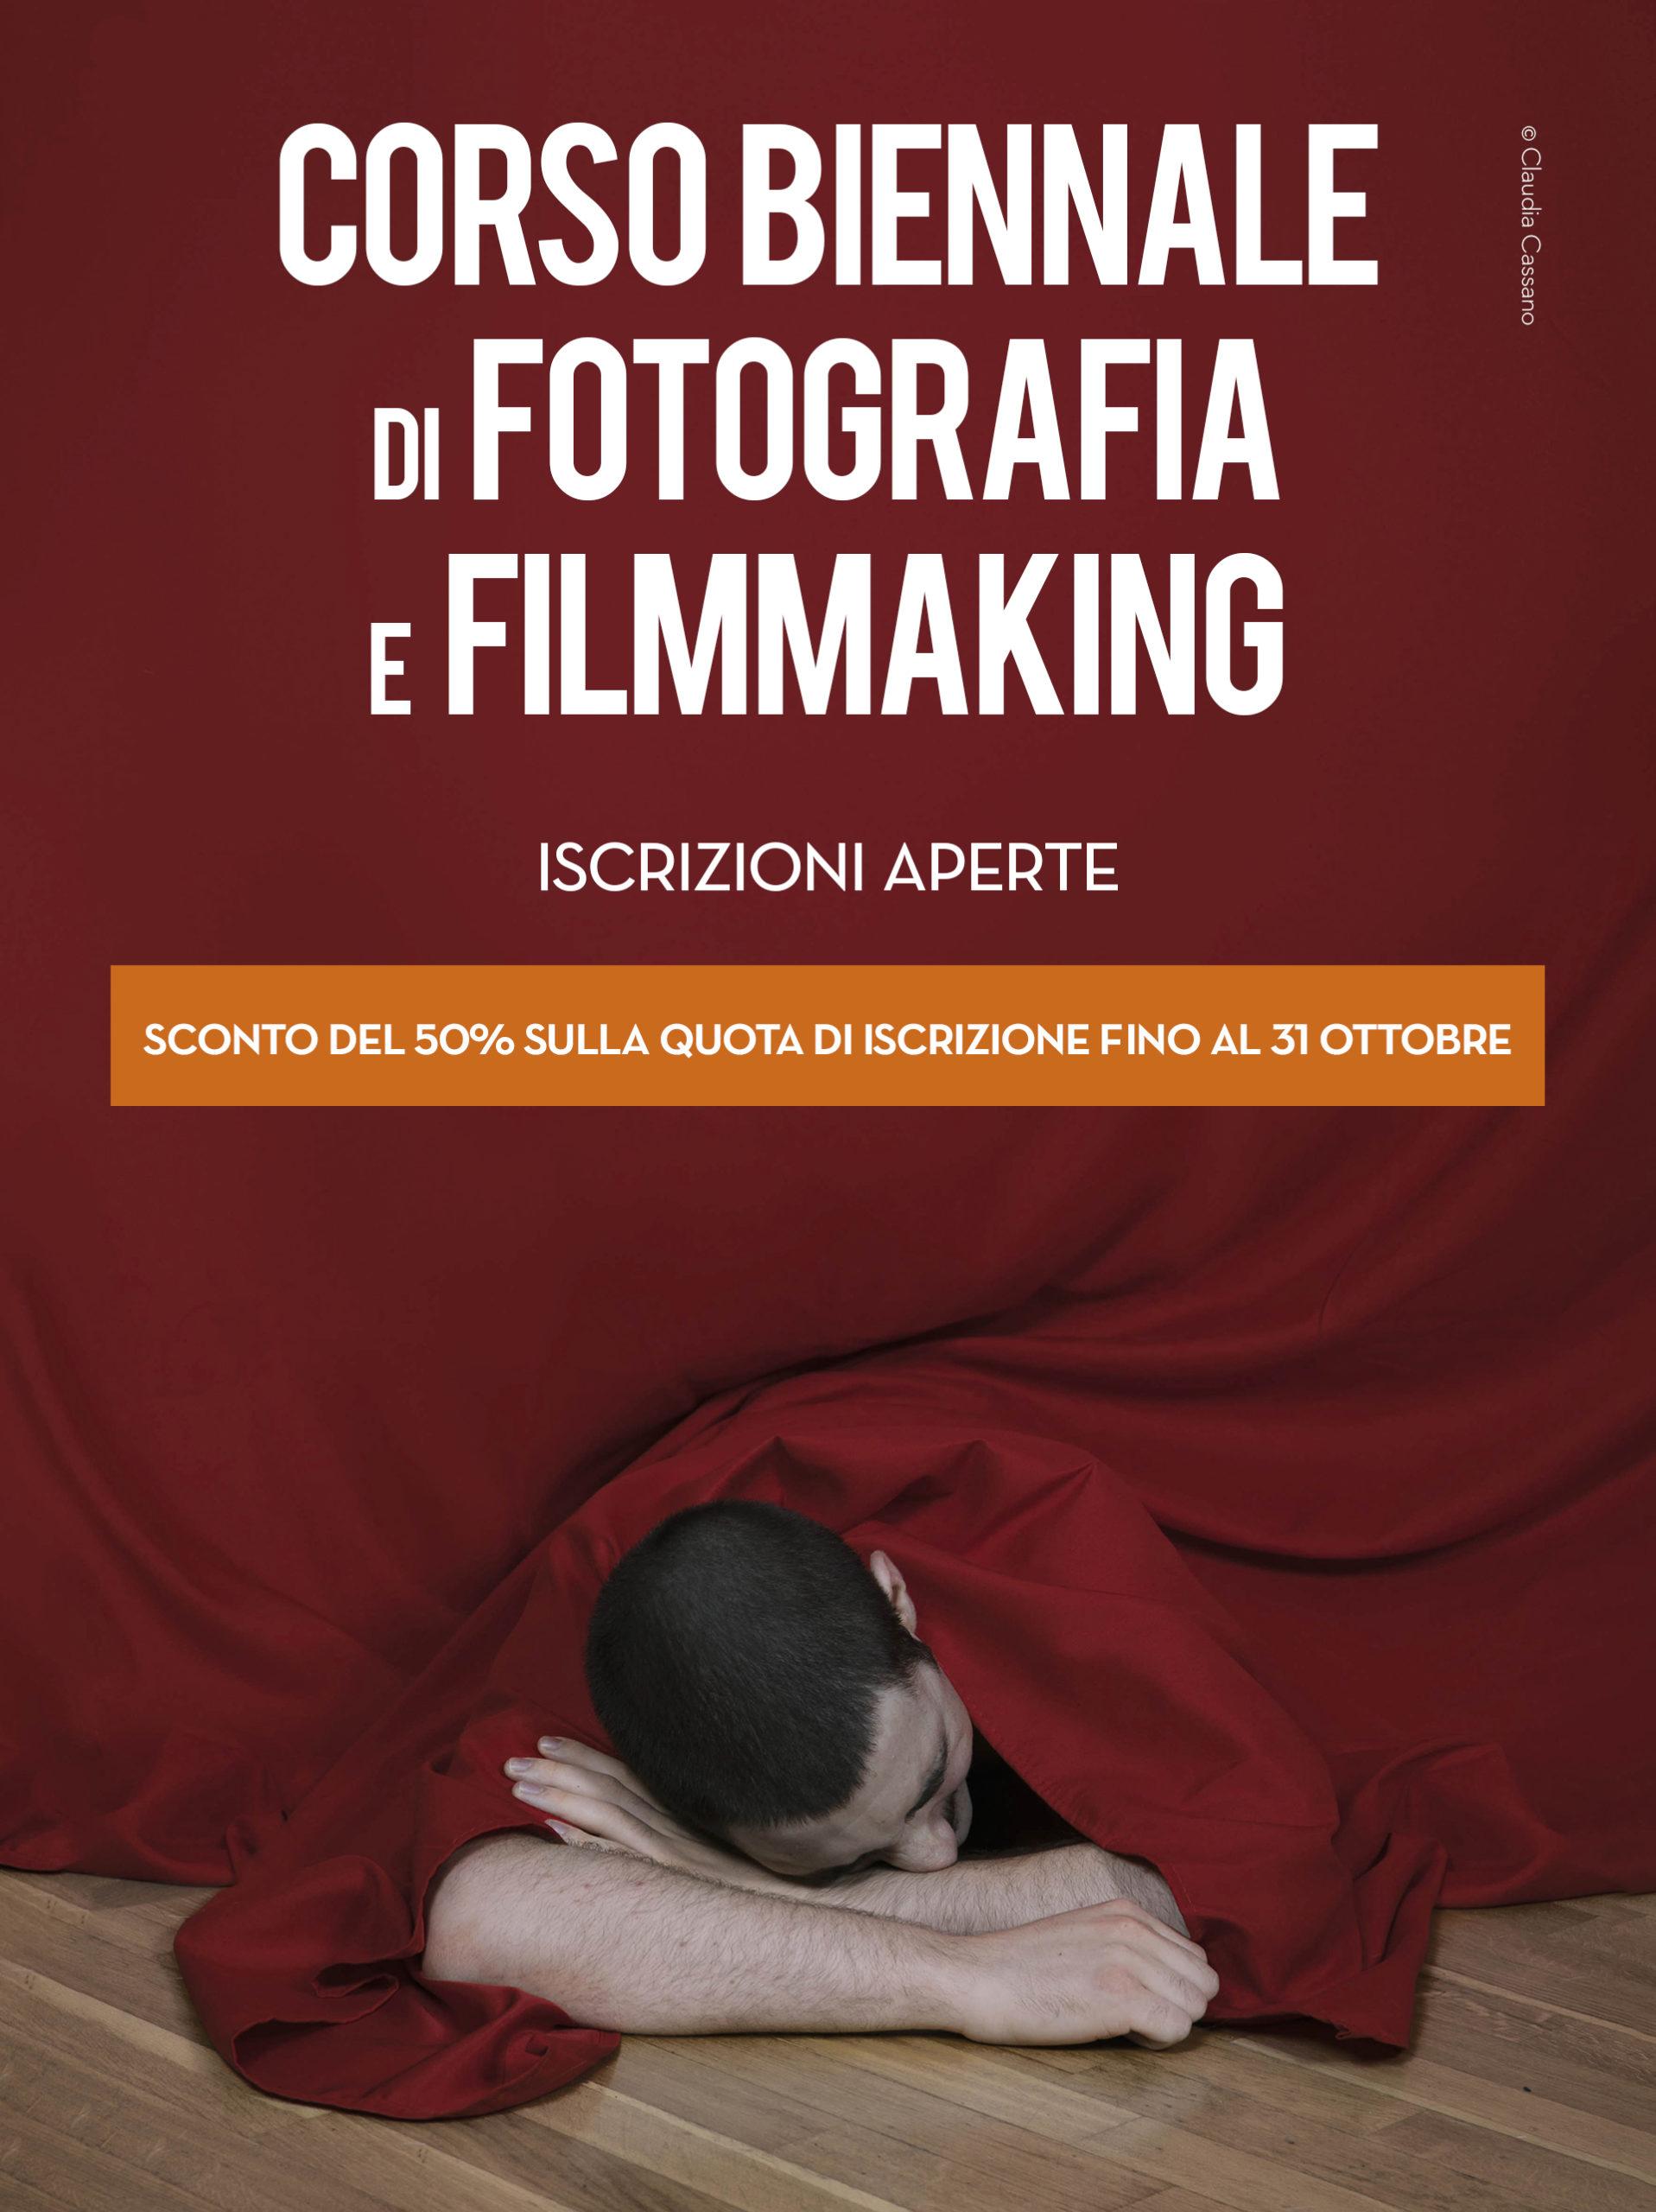 Corso annuale fotografia filmmaking a Bari, Puglia 2020